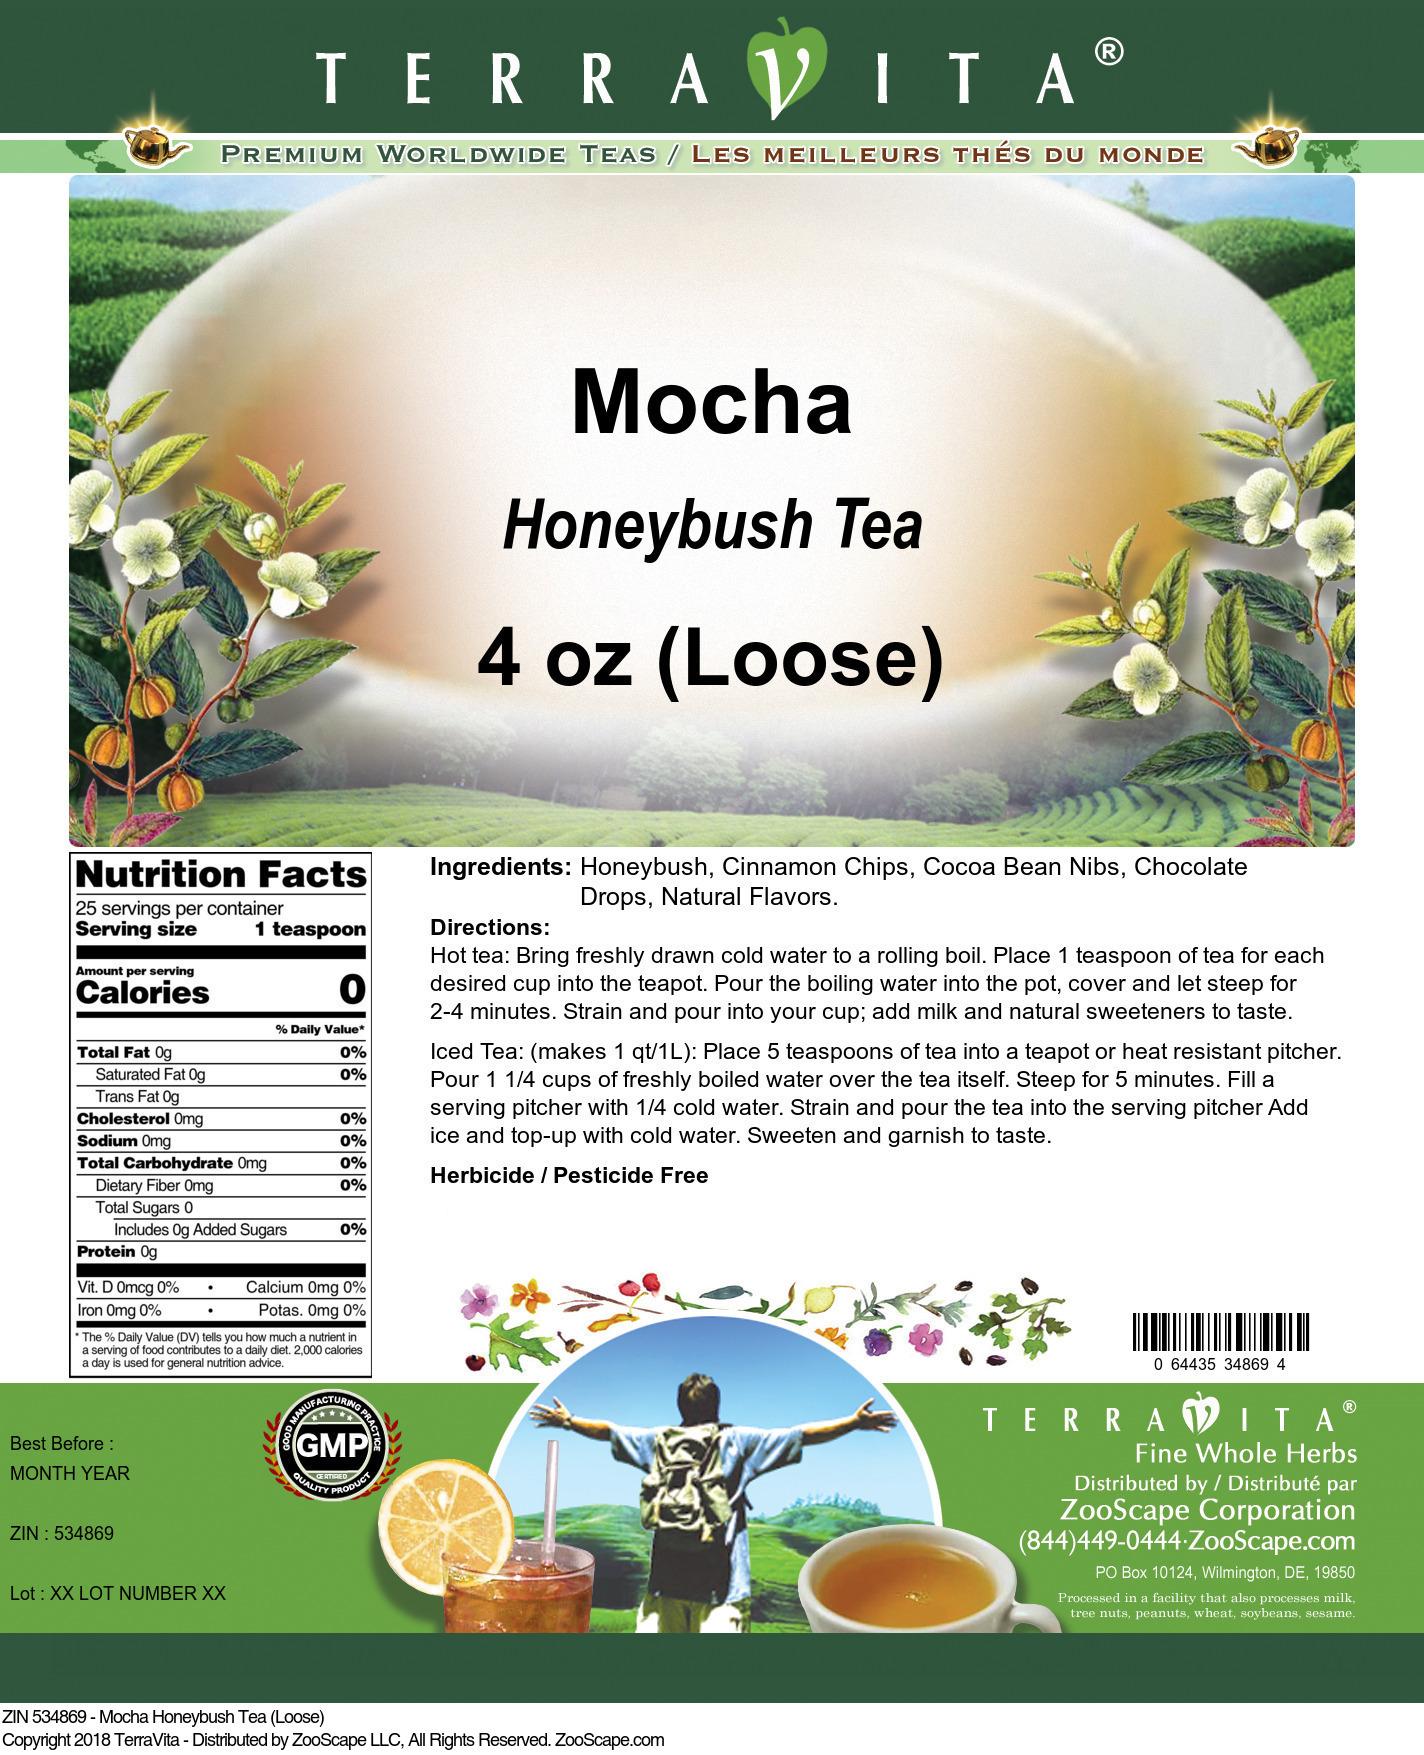 Mocha Honeybush Tea